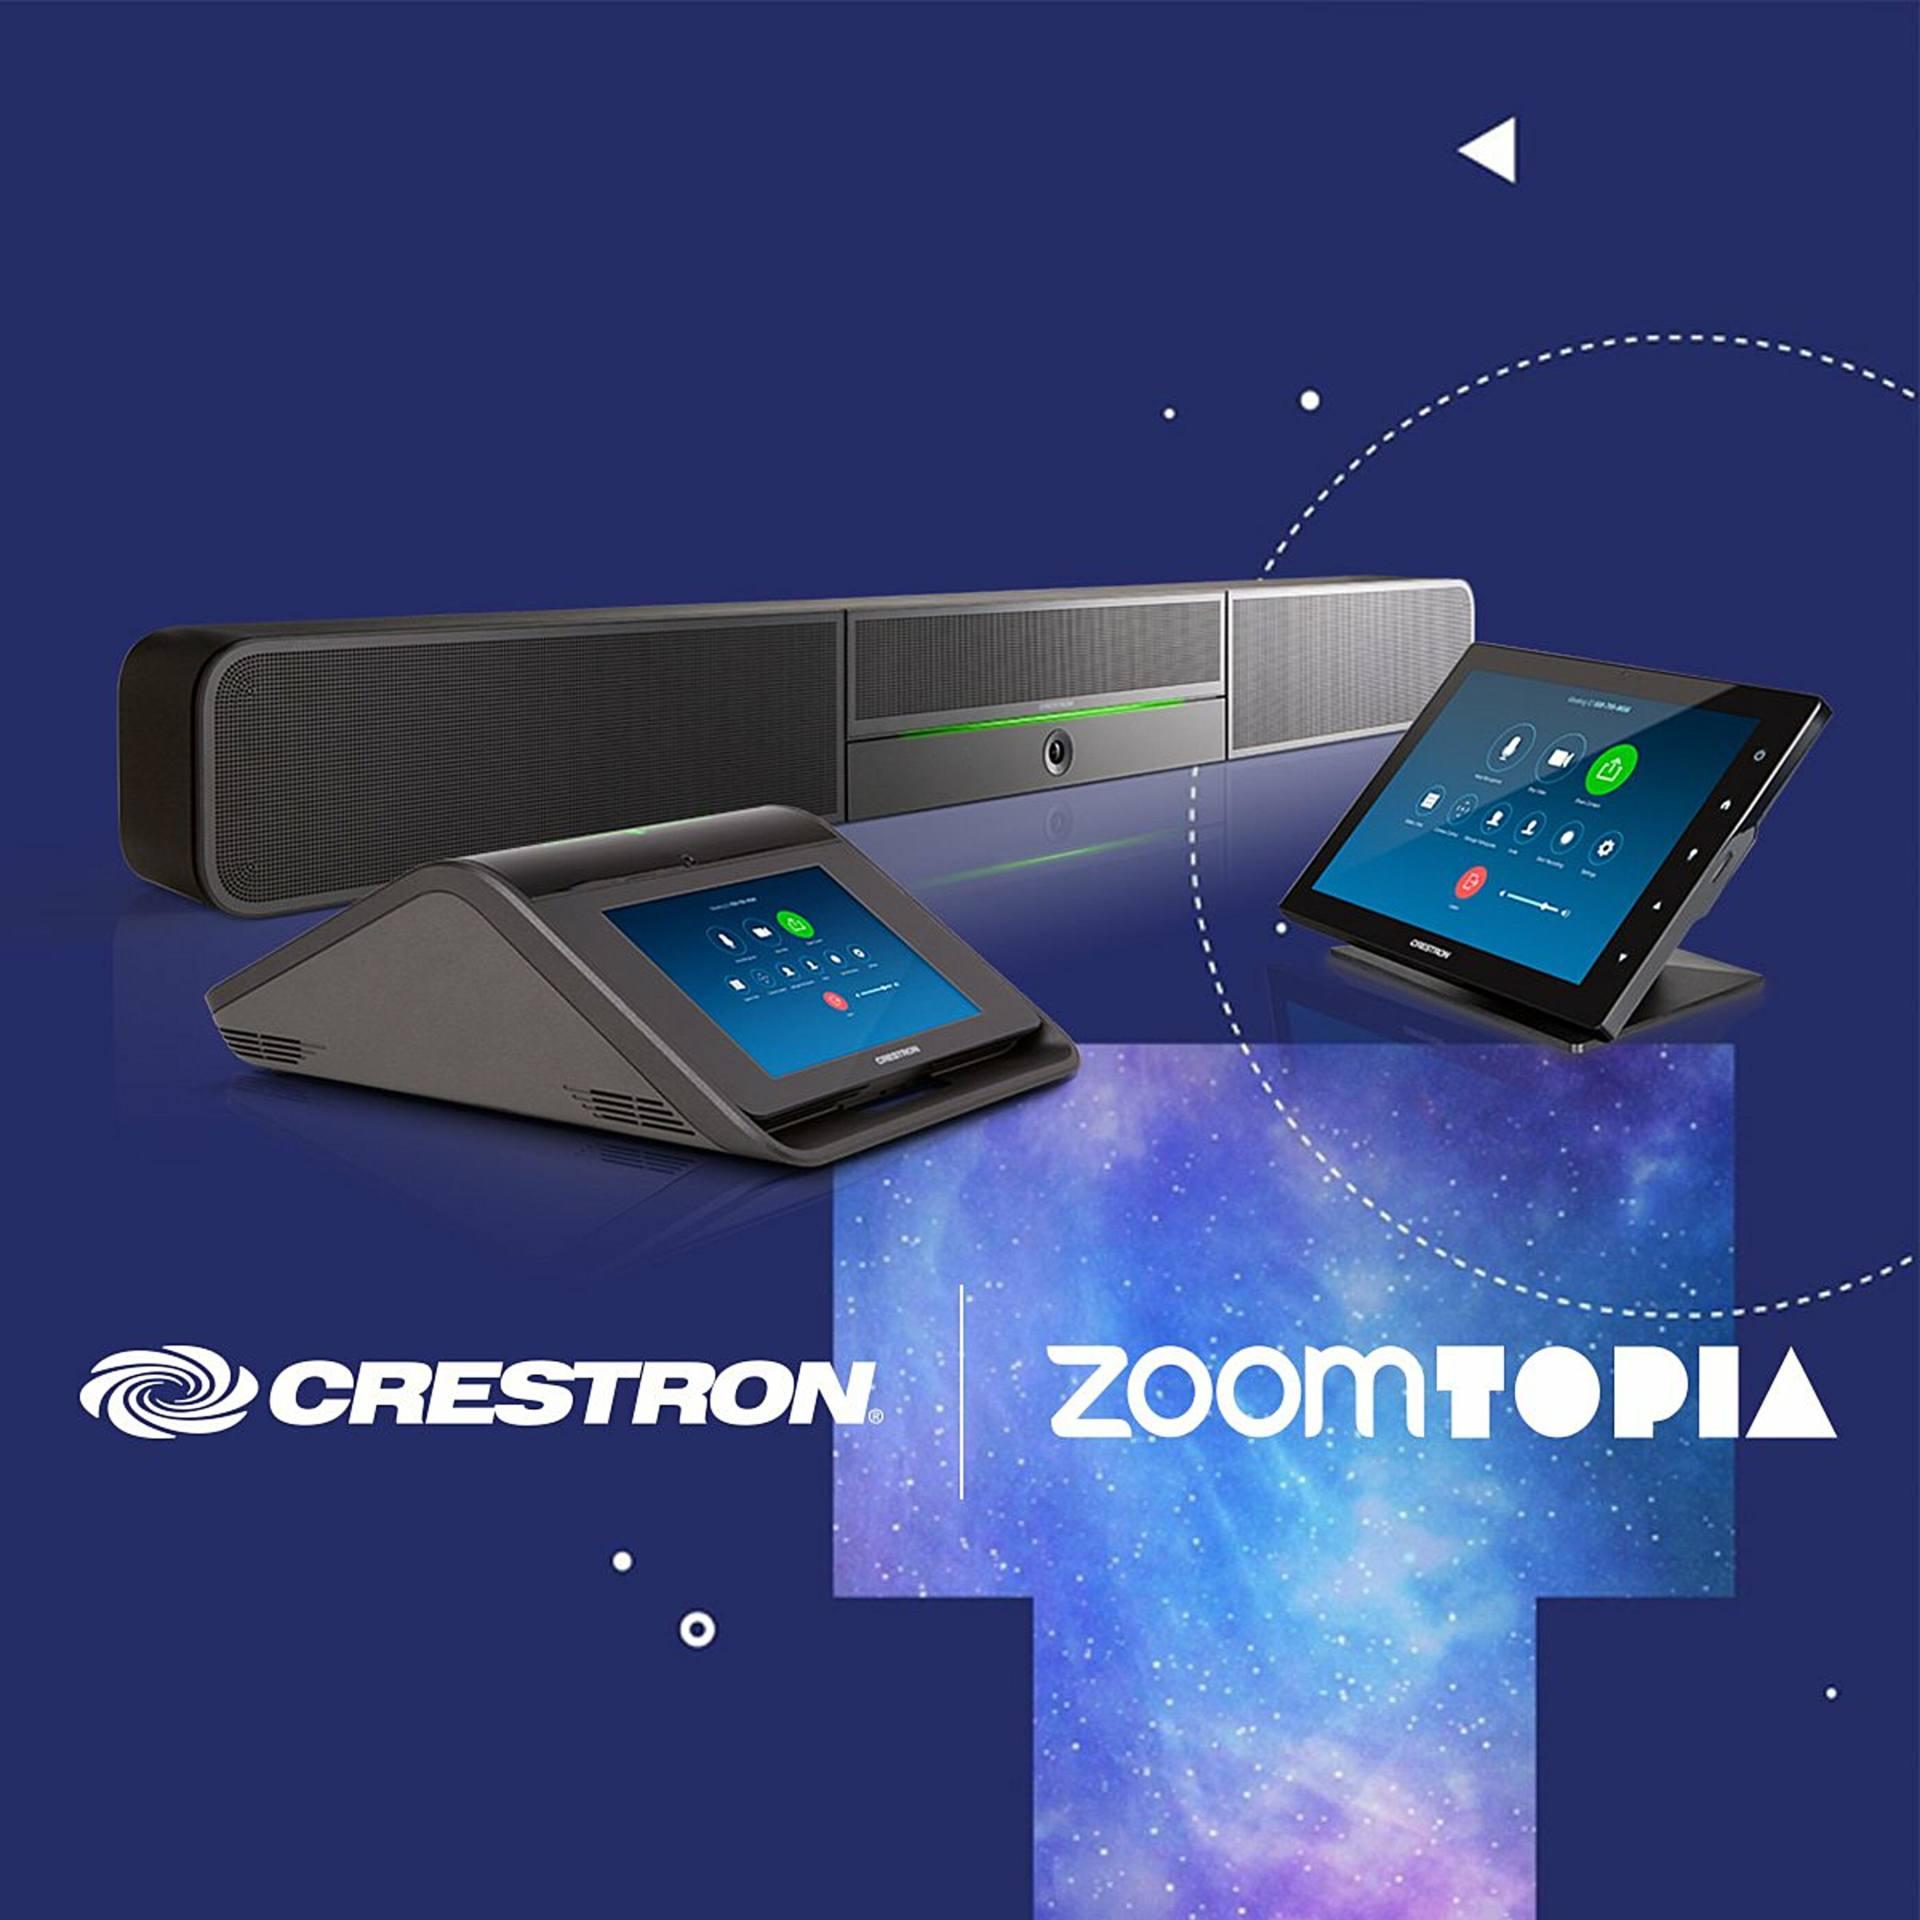 Crestron Flex, la sensación en la conferencia mundial Zoomtopia 2019